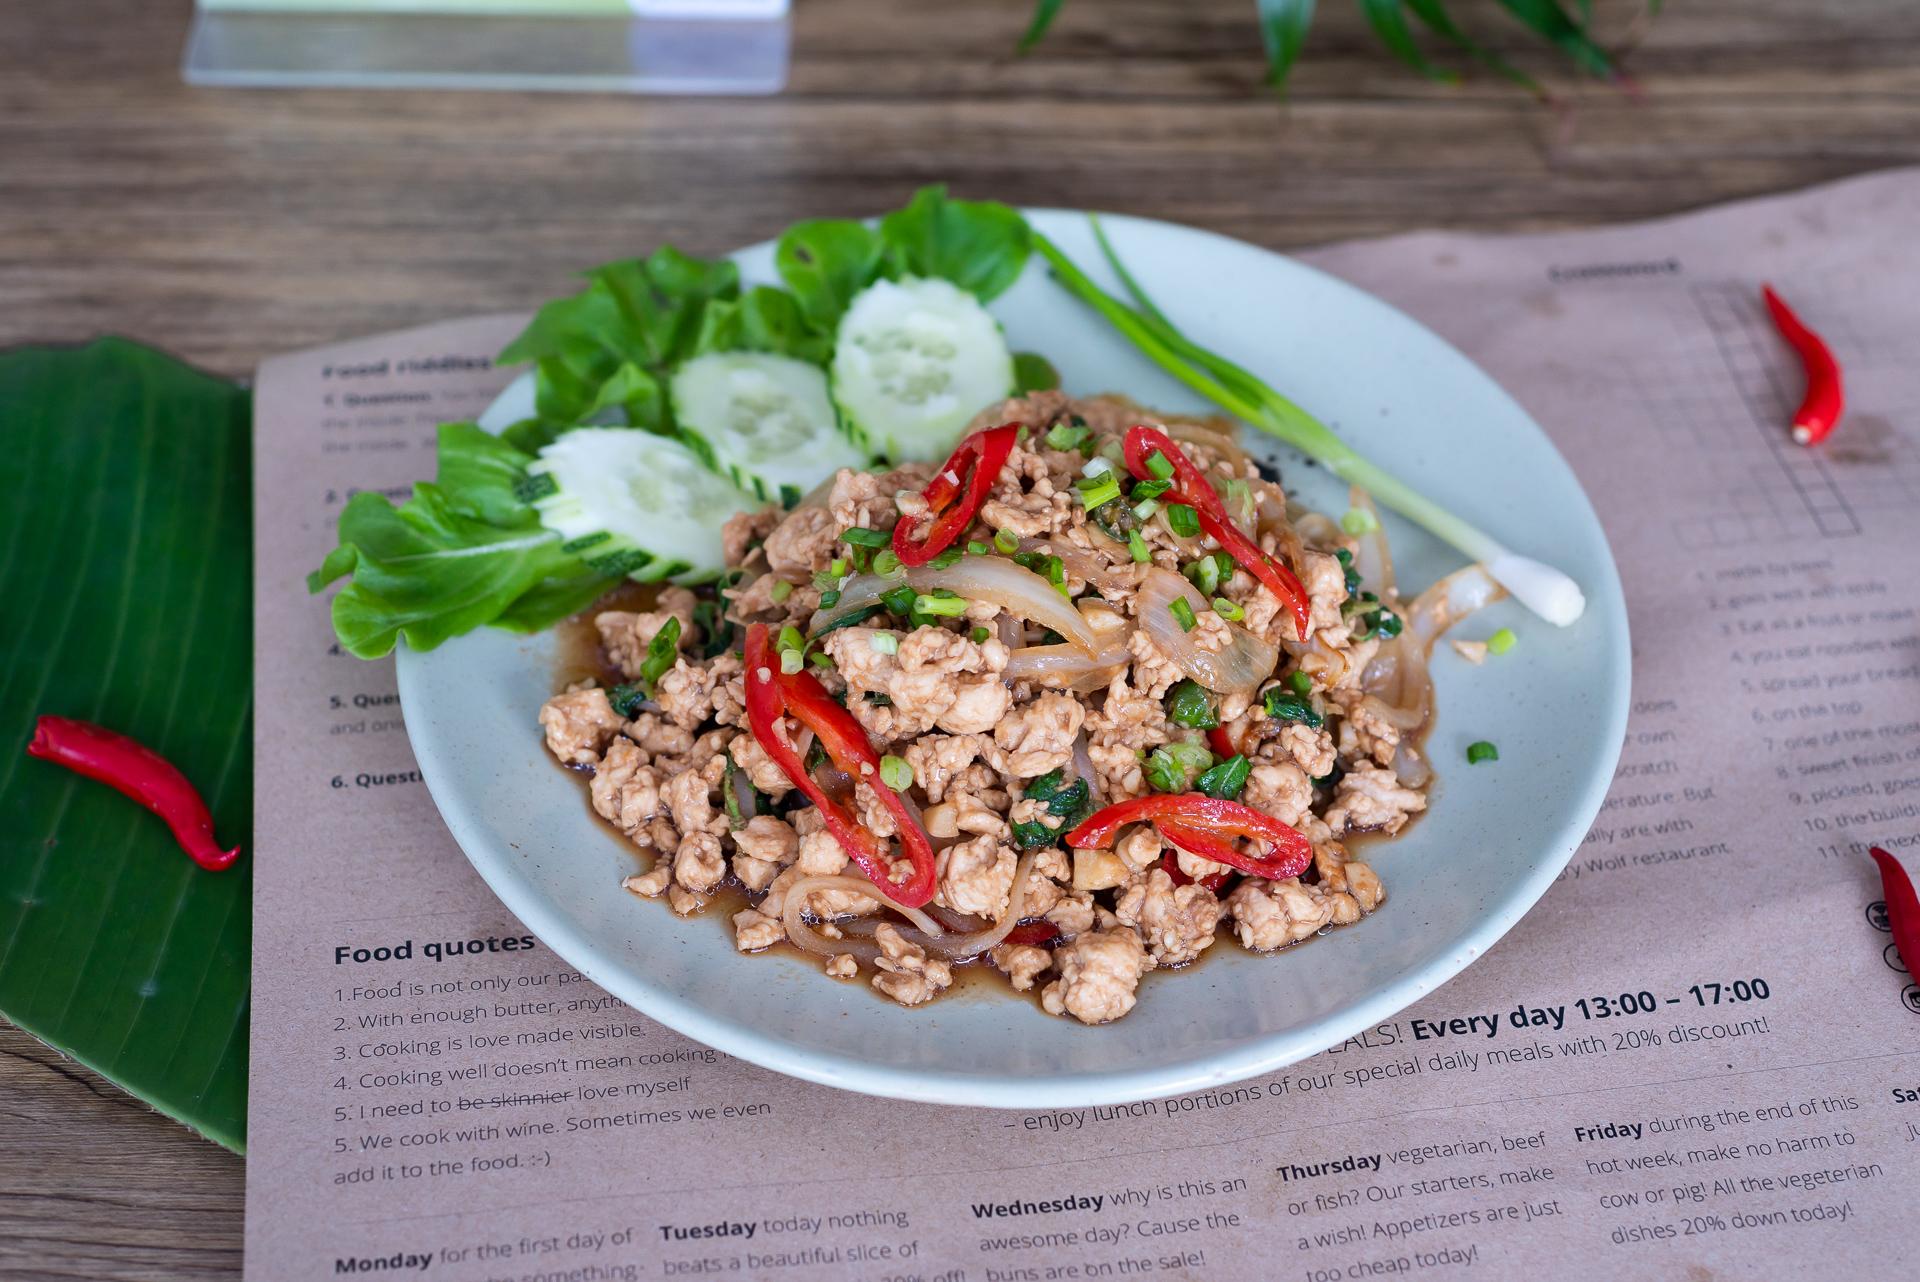 Gai pad kra paw - Thai basil chicken